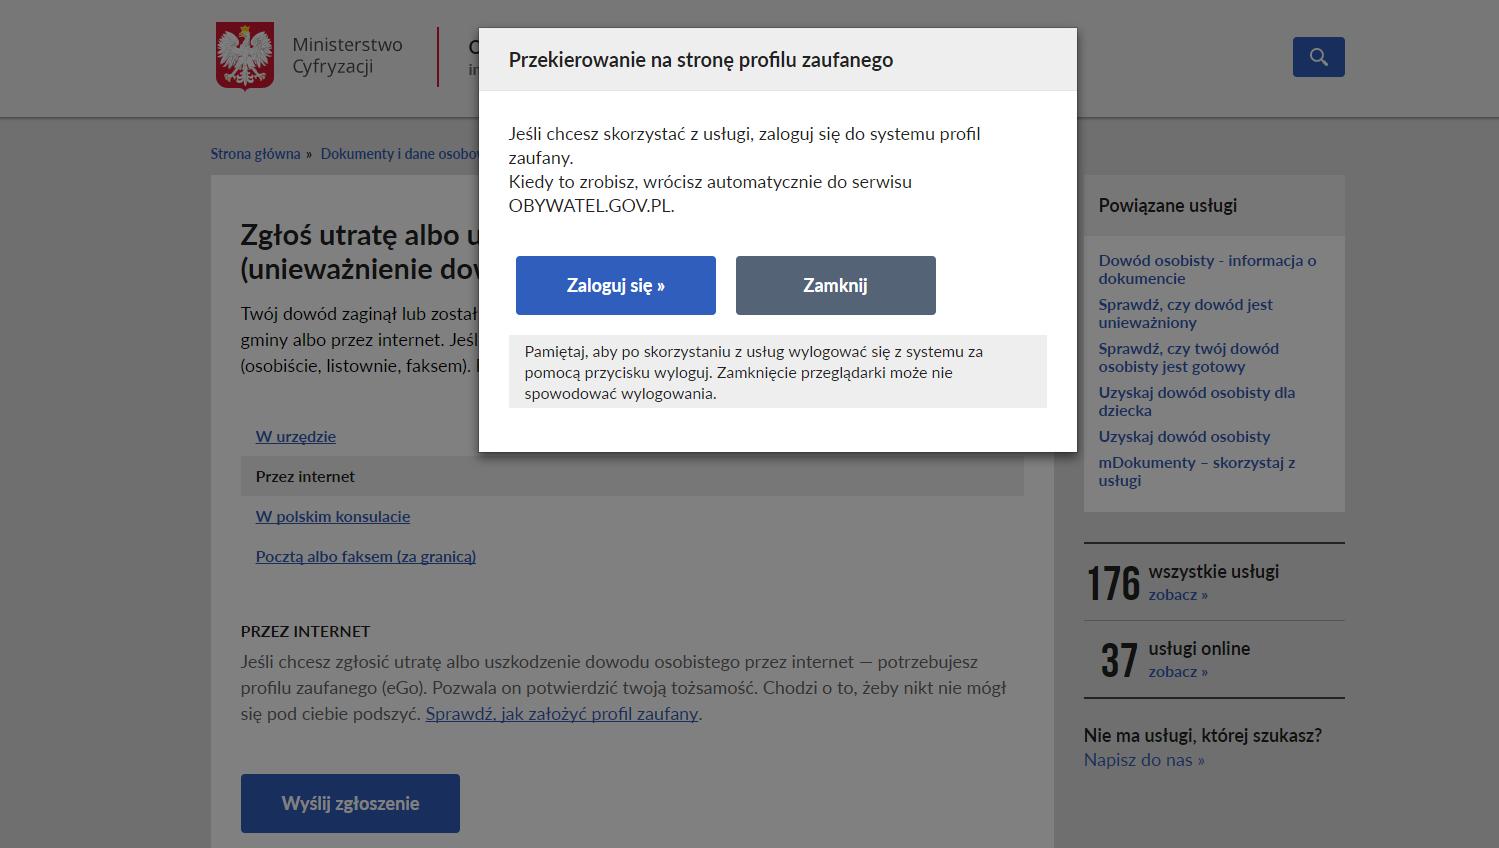 przekierowanie na stronę profilu zaufanego - zgłoszenie utraty dowodu osobistego